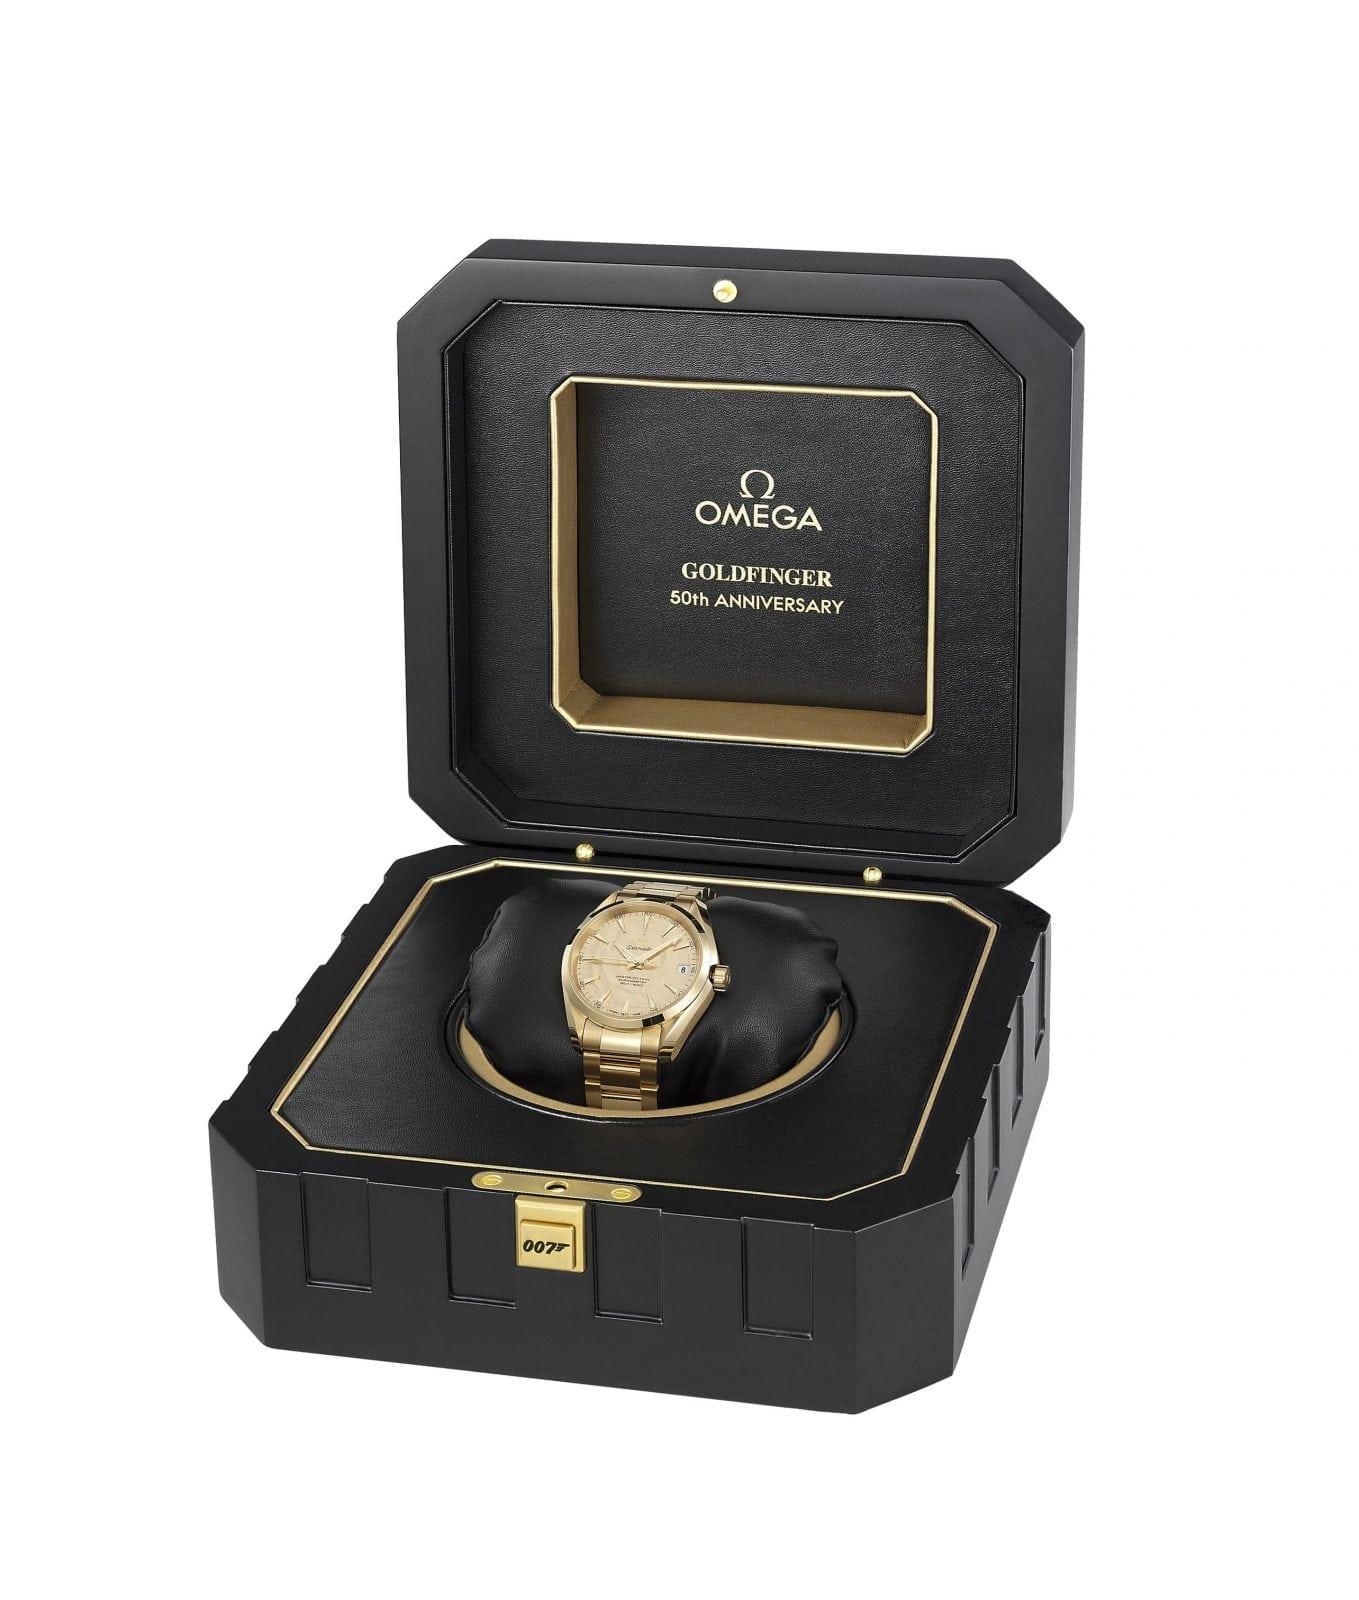 Omega Goldfinger Seamaster Aqua Terra wristwatch - Aston Martin DB5, unicatul automobil din aur este pus la licitație